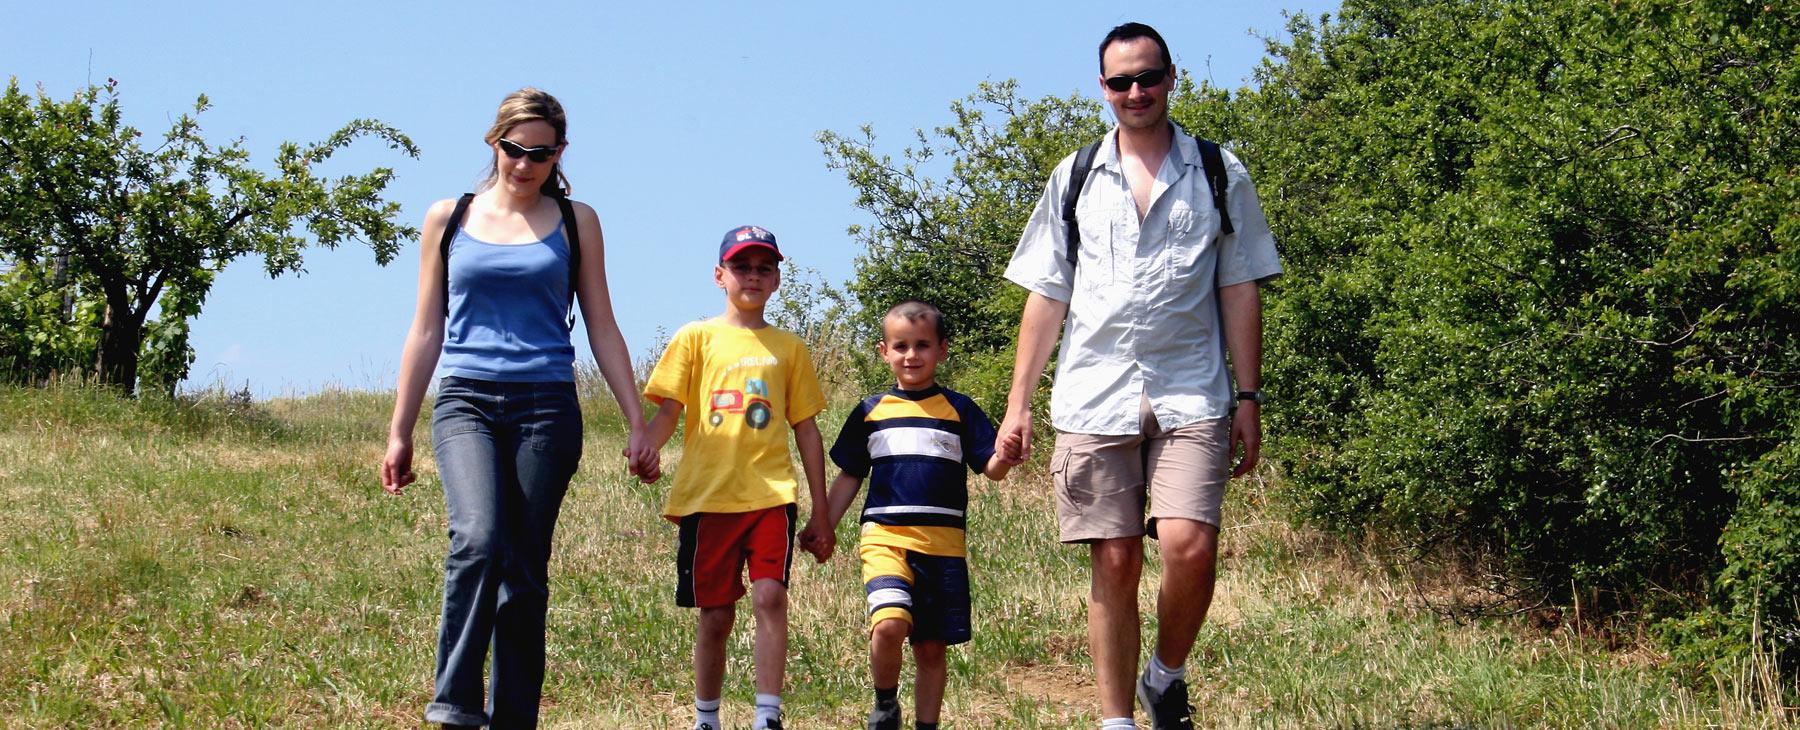 Sorties en famille rhone rhone tourisme visites for Yvelines sorties en famille